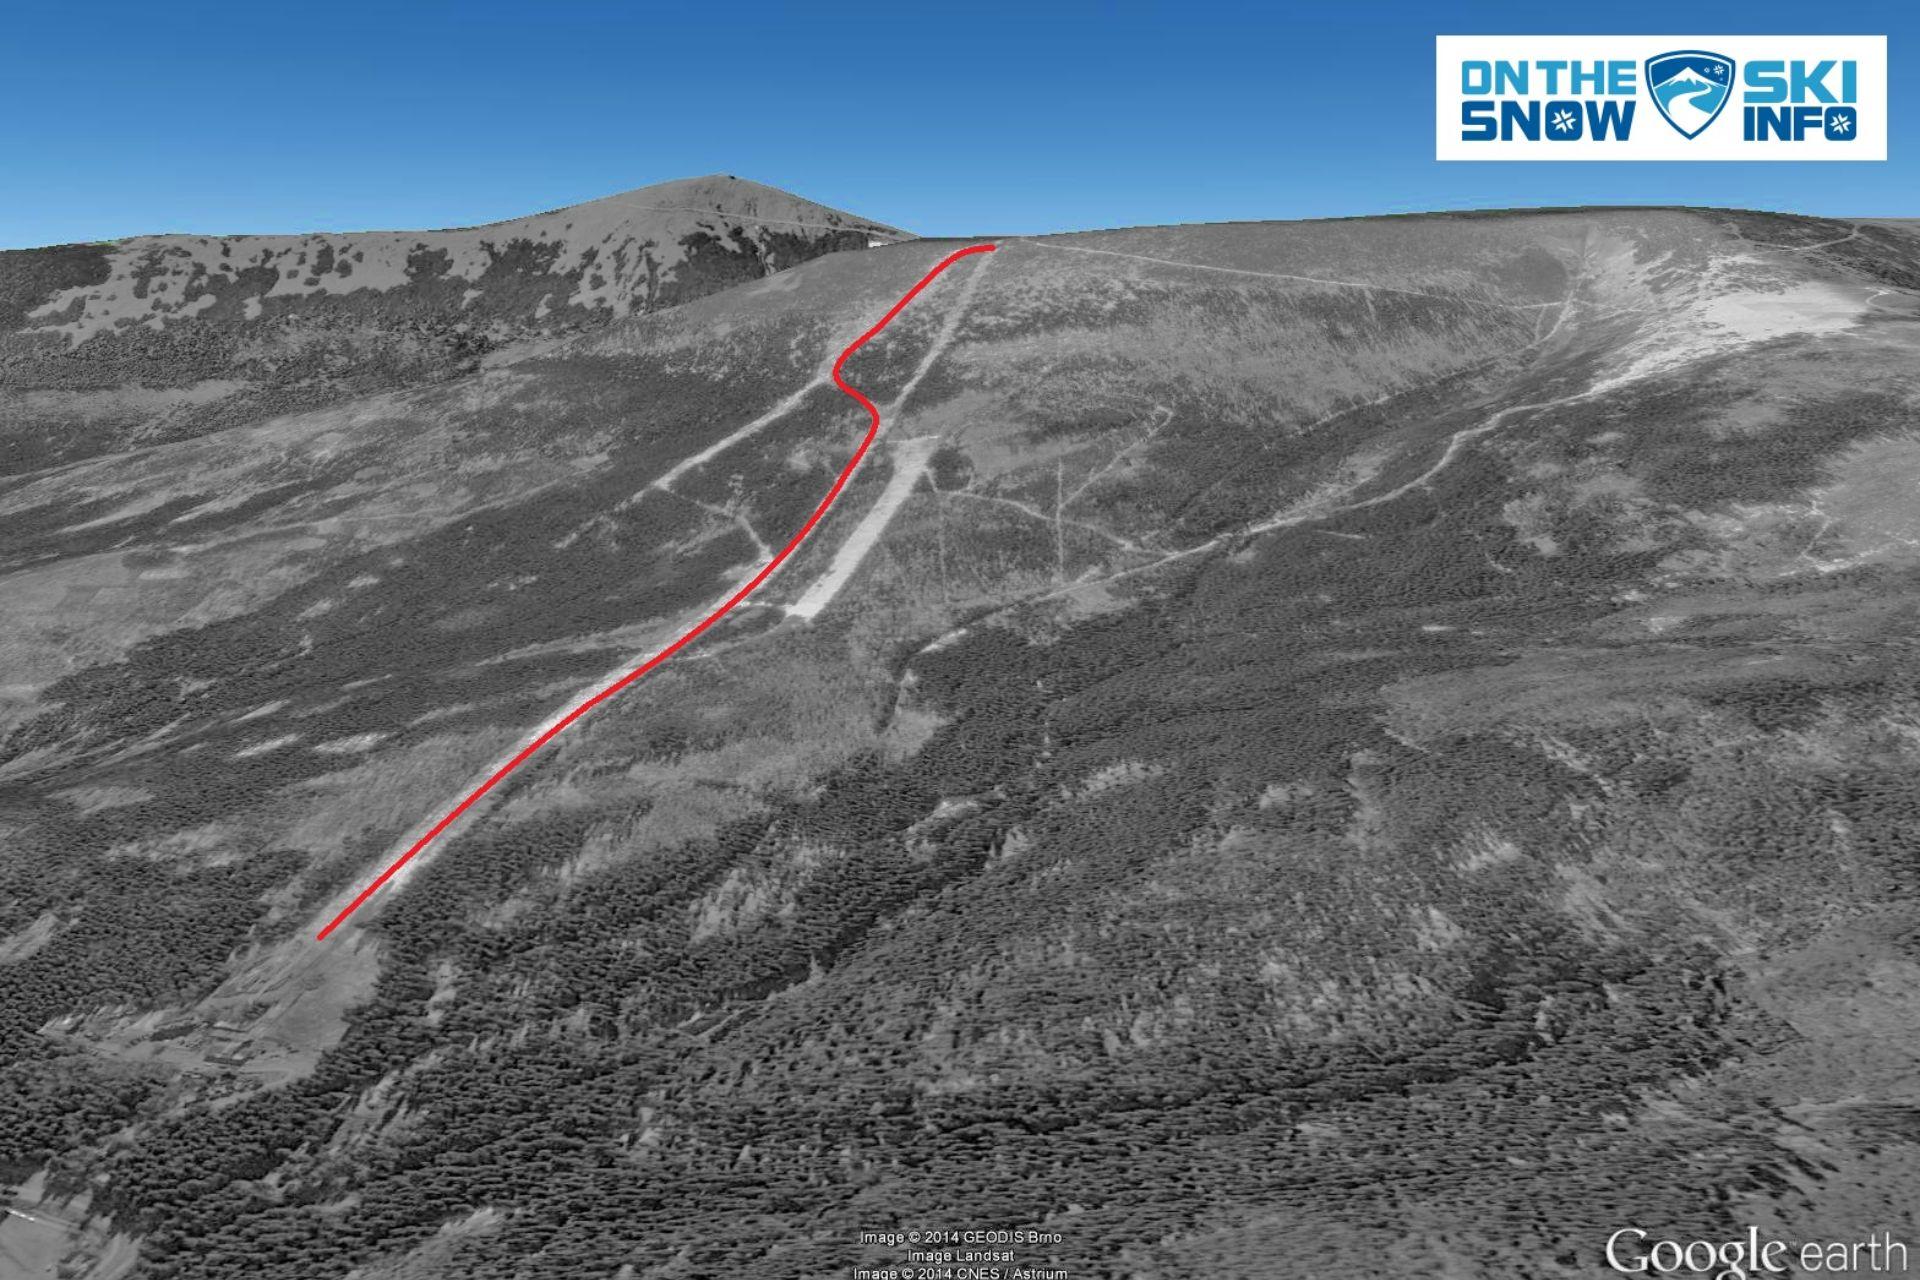 Najdłuższe trasy narciarskie w Polsce - Karpacz